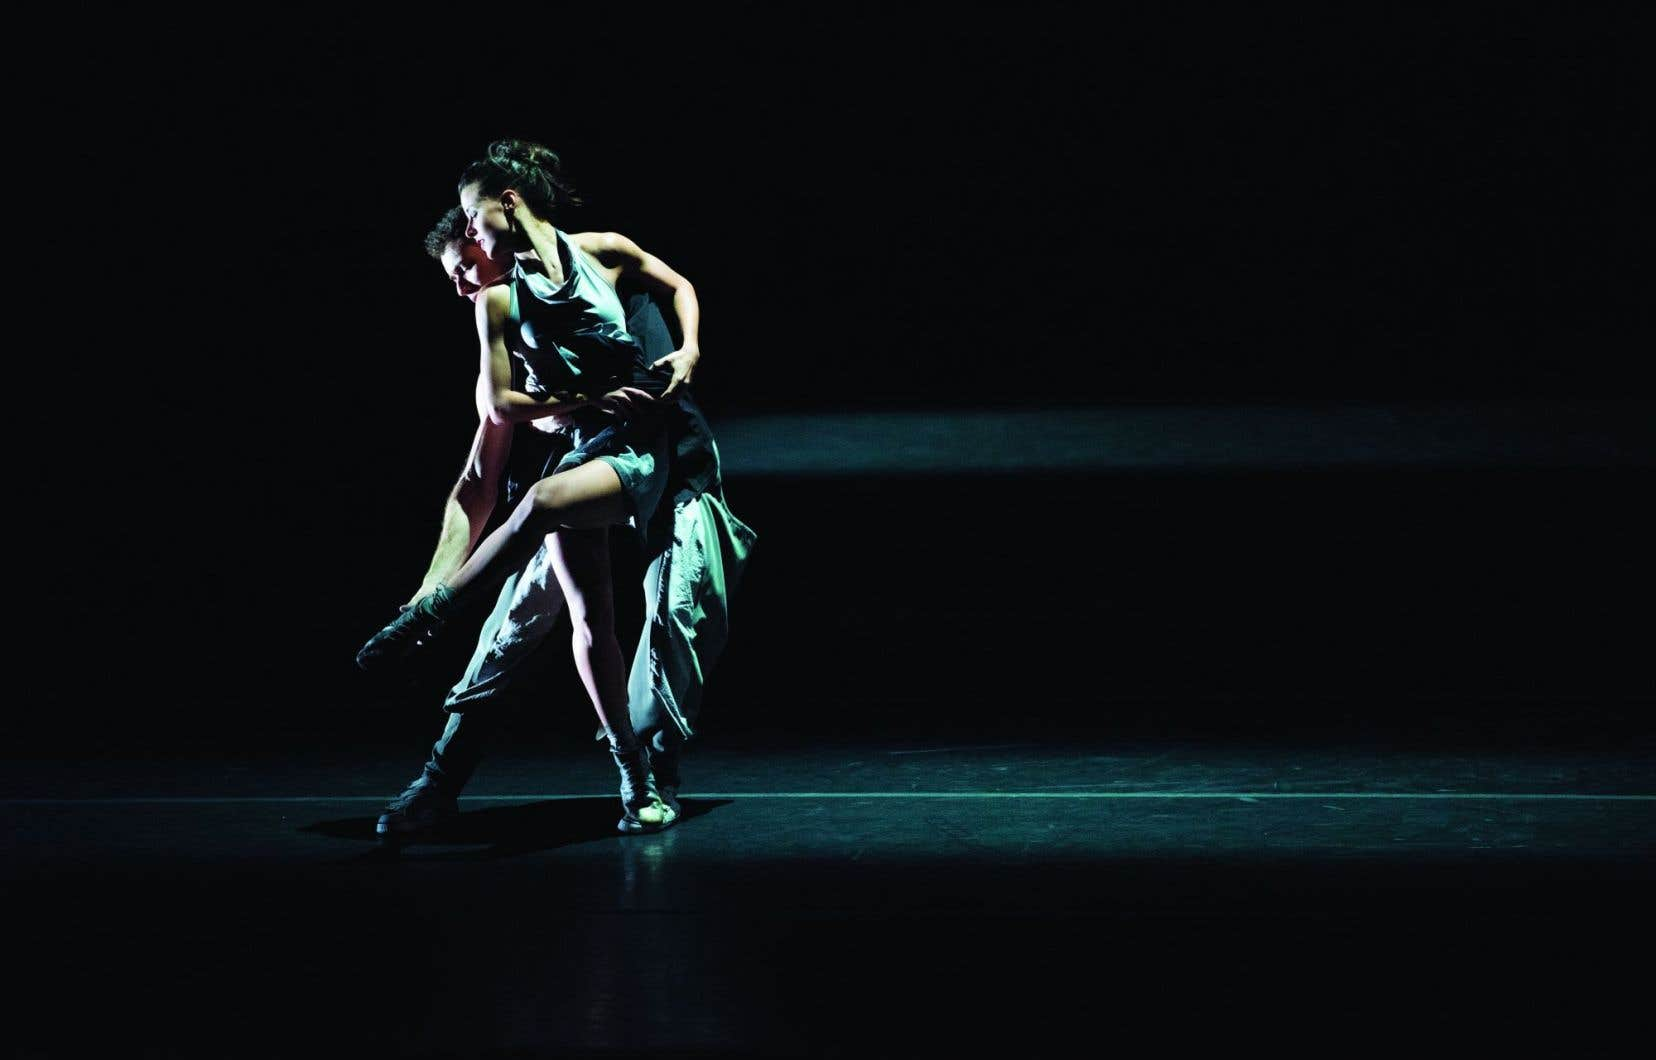 Les variations rythmiques de pirouettes, arabesques et entrechats d'une technicité parfaite sont circonscrites par des projecteurs parfois fuyants.